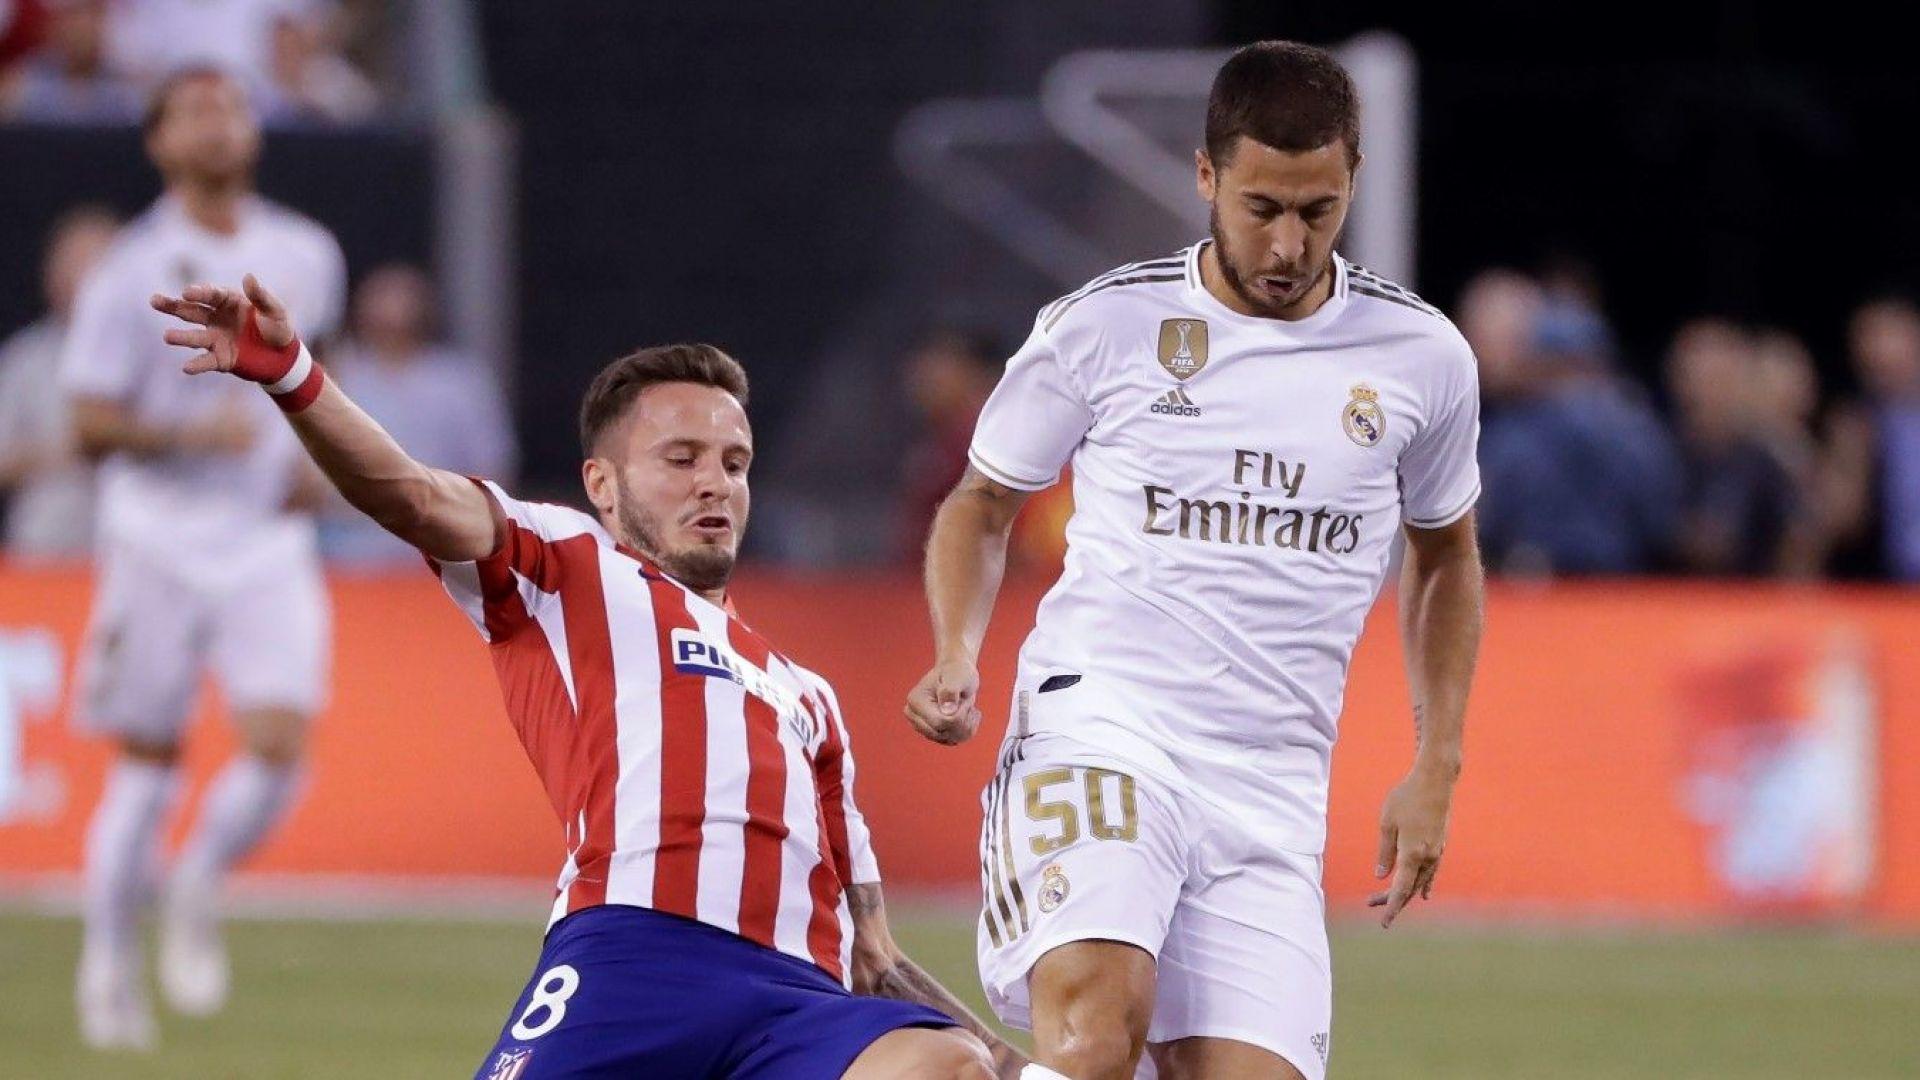 Още проблеми за Реал: Азар се явил с наднормено тегло